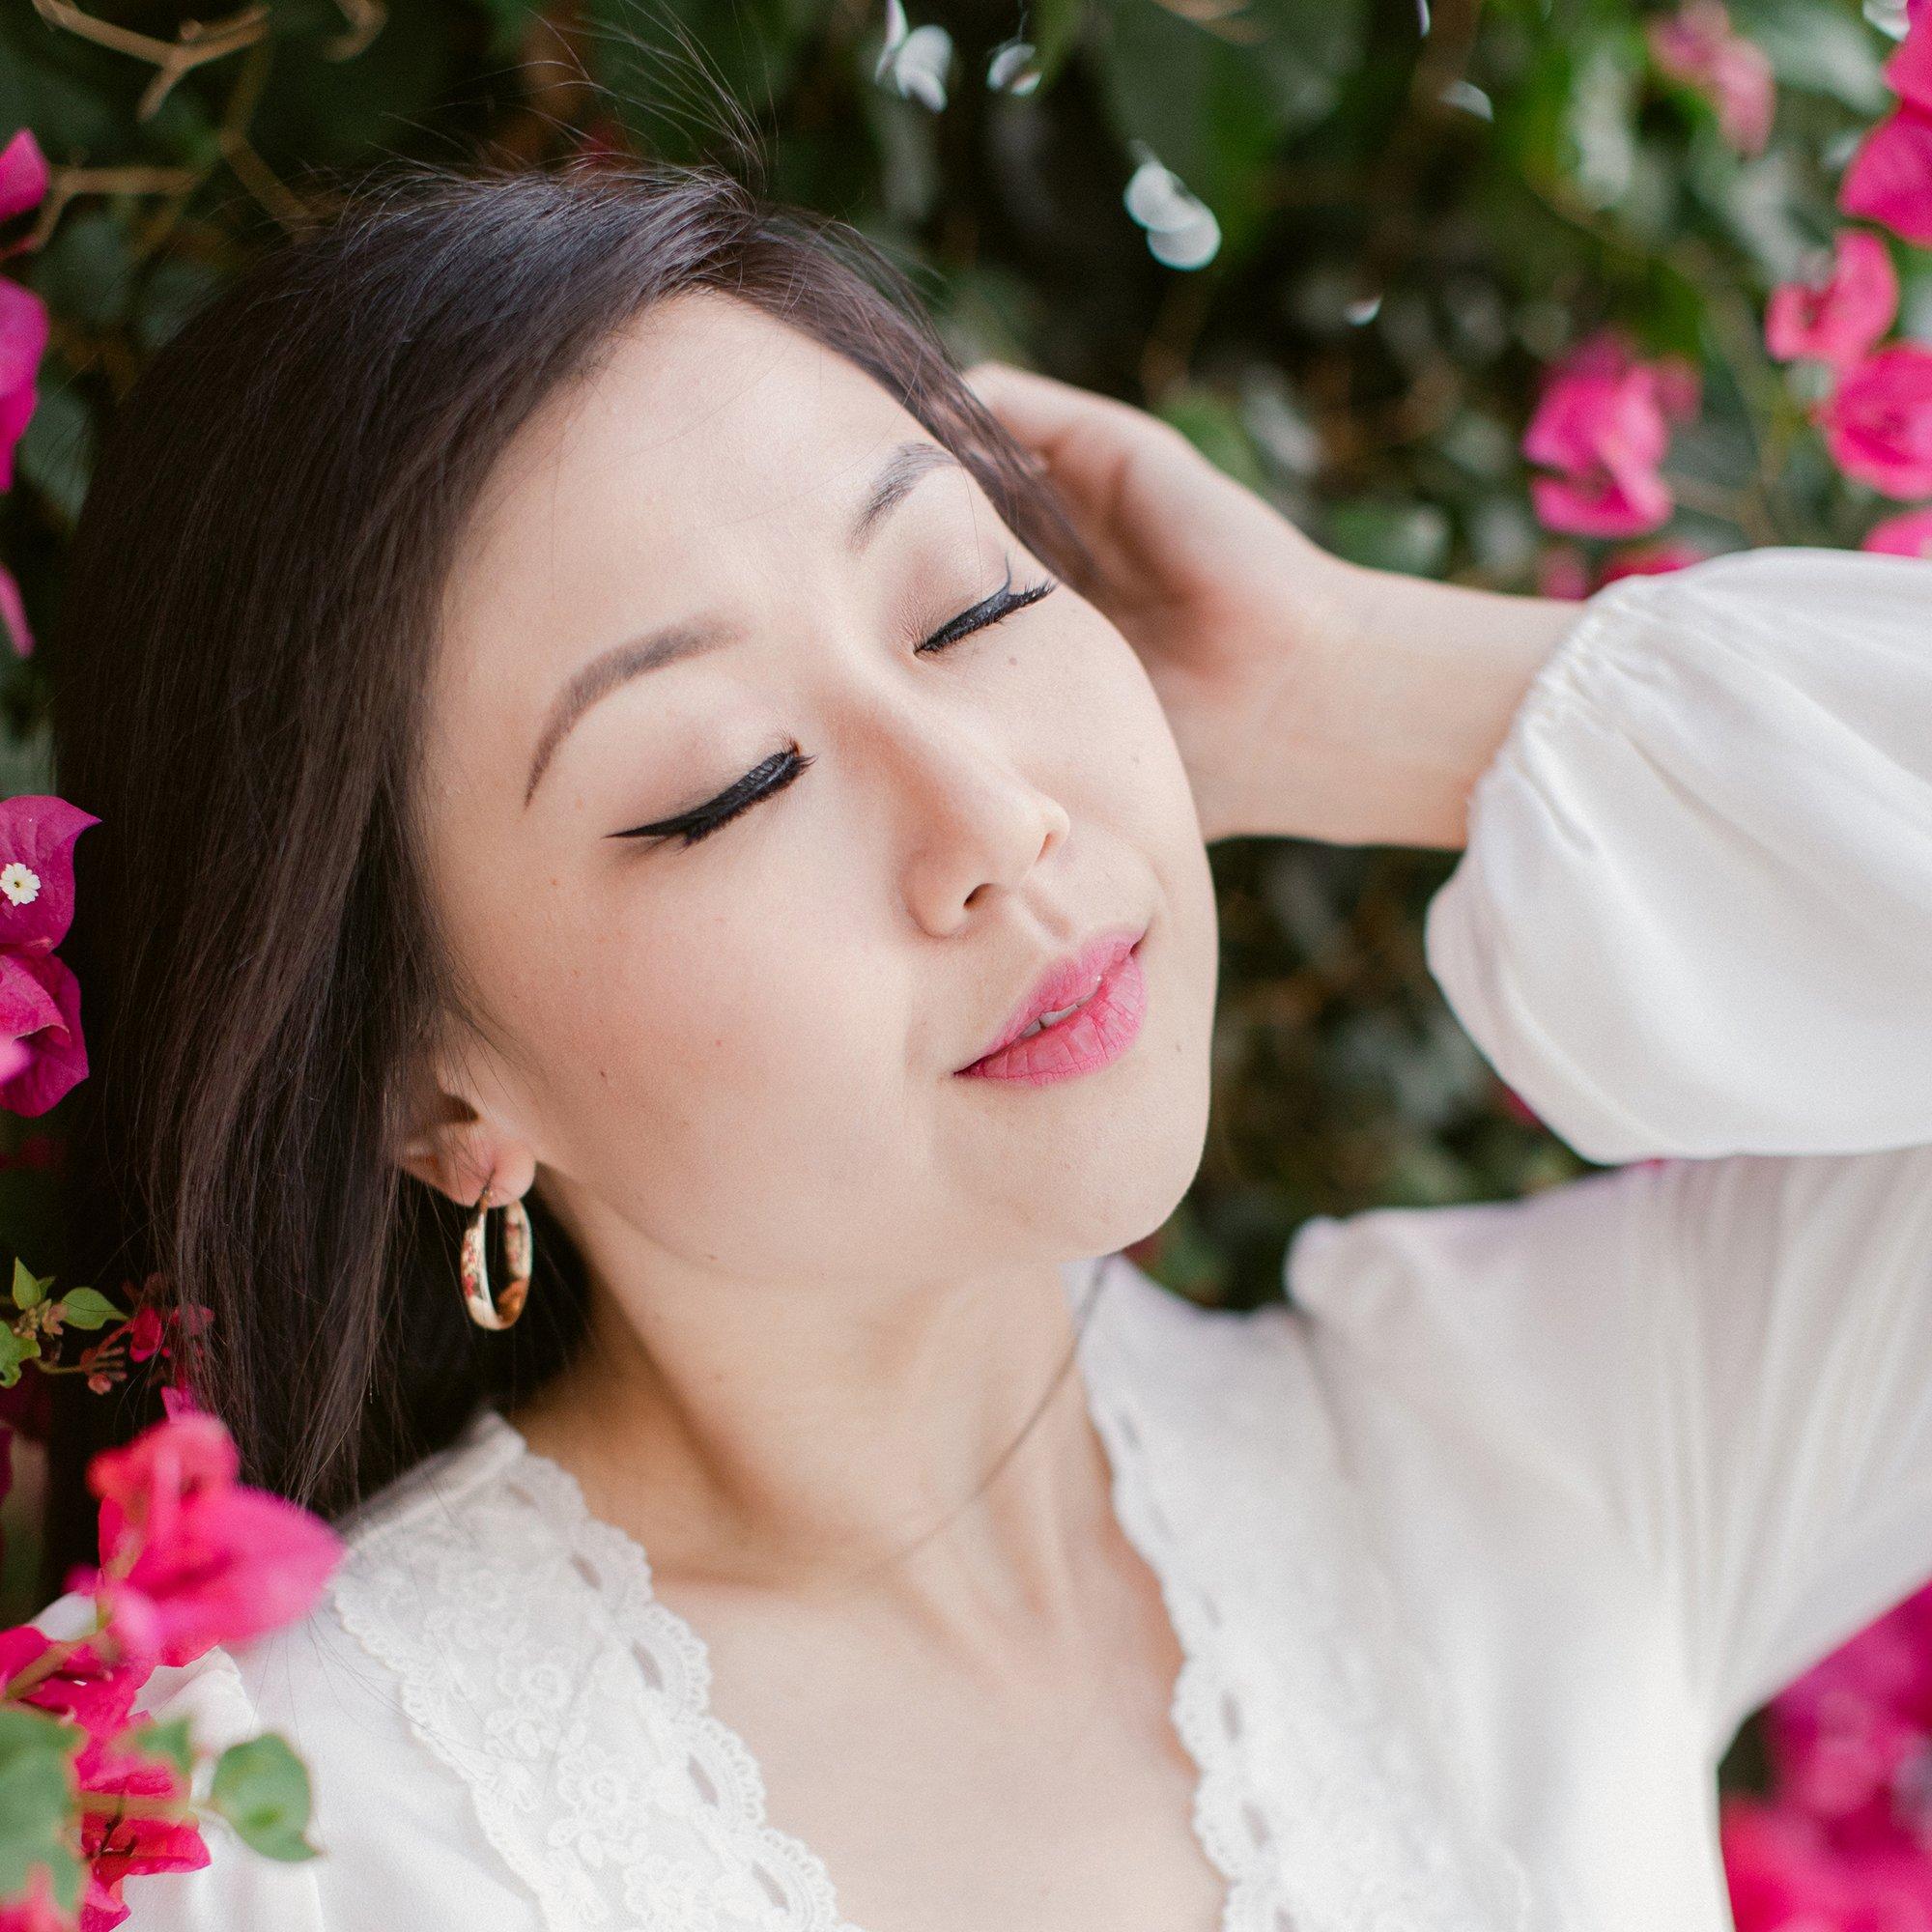 3 Different Ways to Wear Lipstick